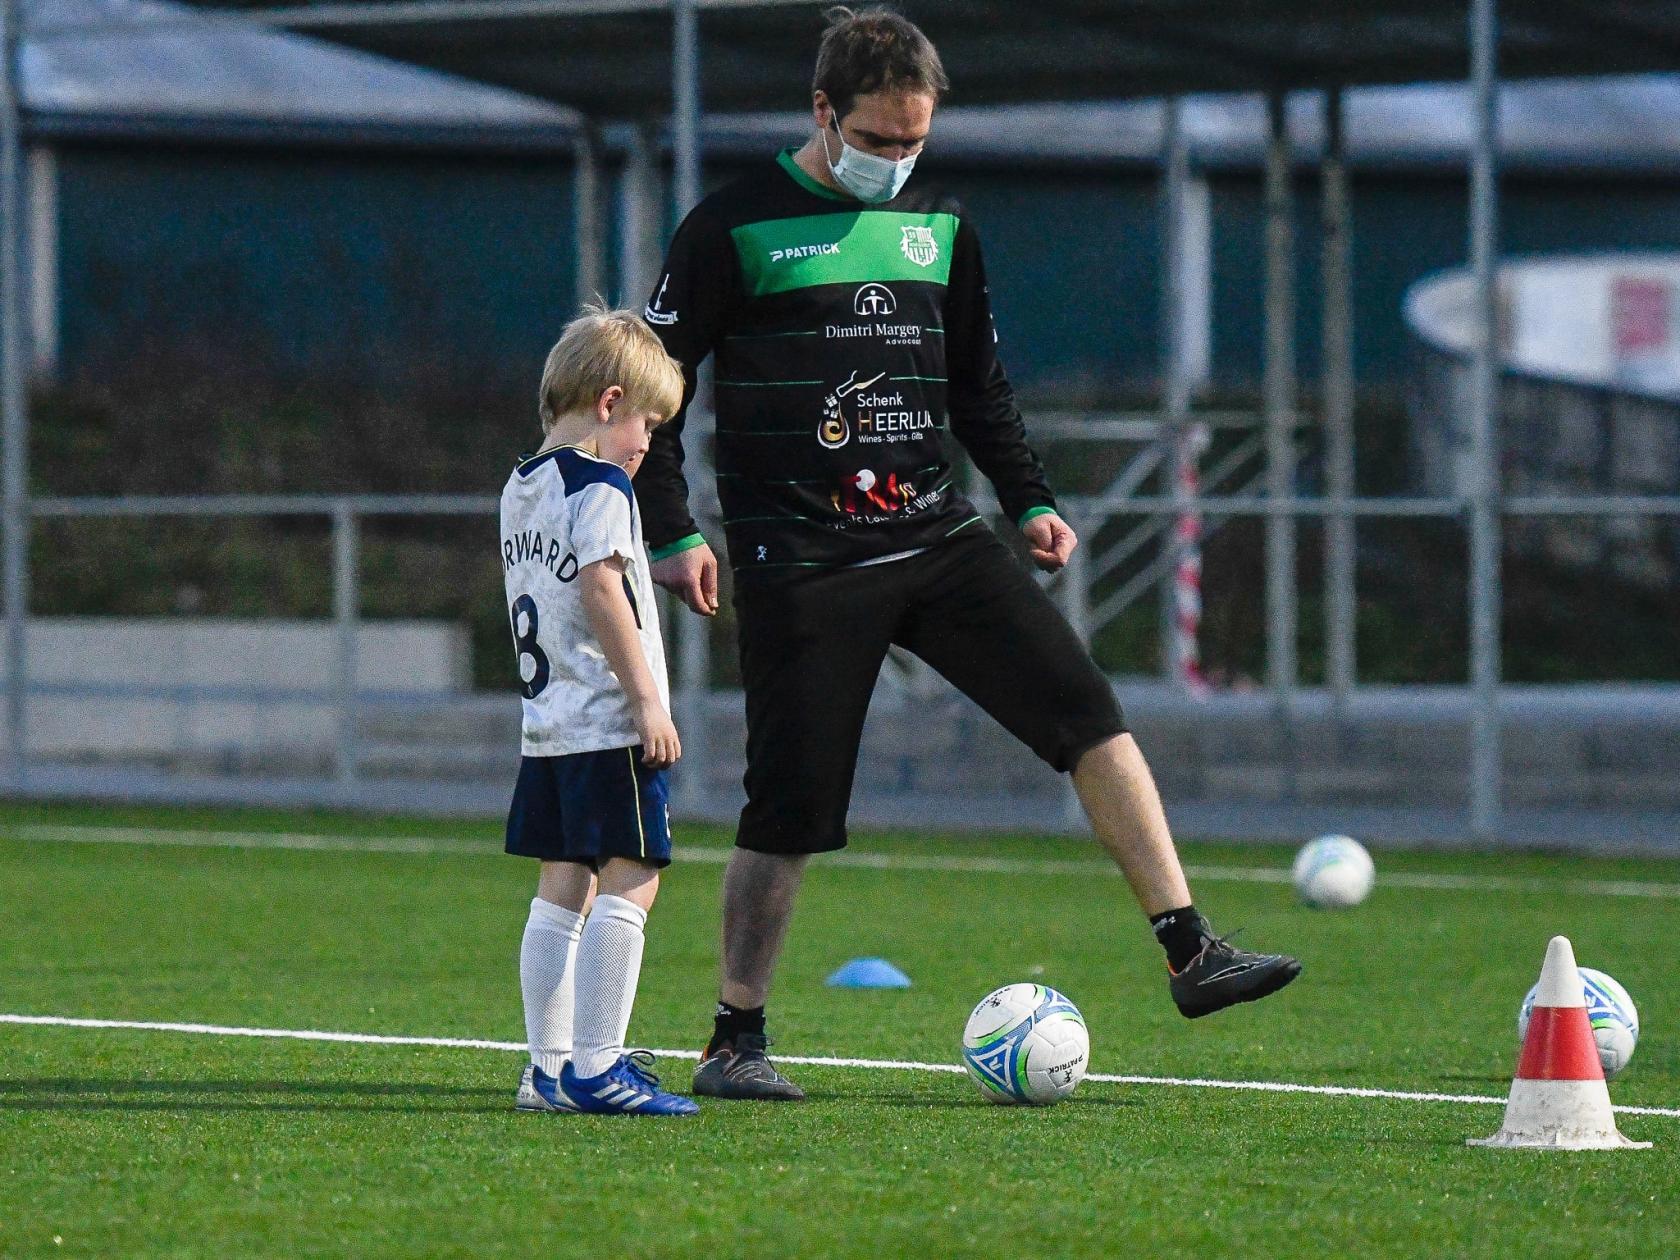 Maarten voor de gelegenheid als trainer, geeft voetbaltips